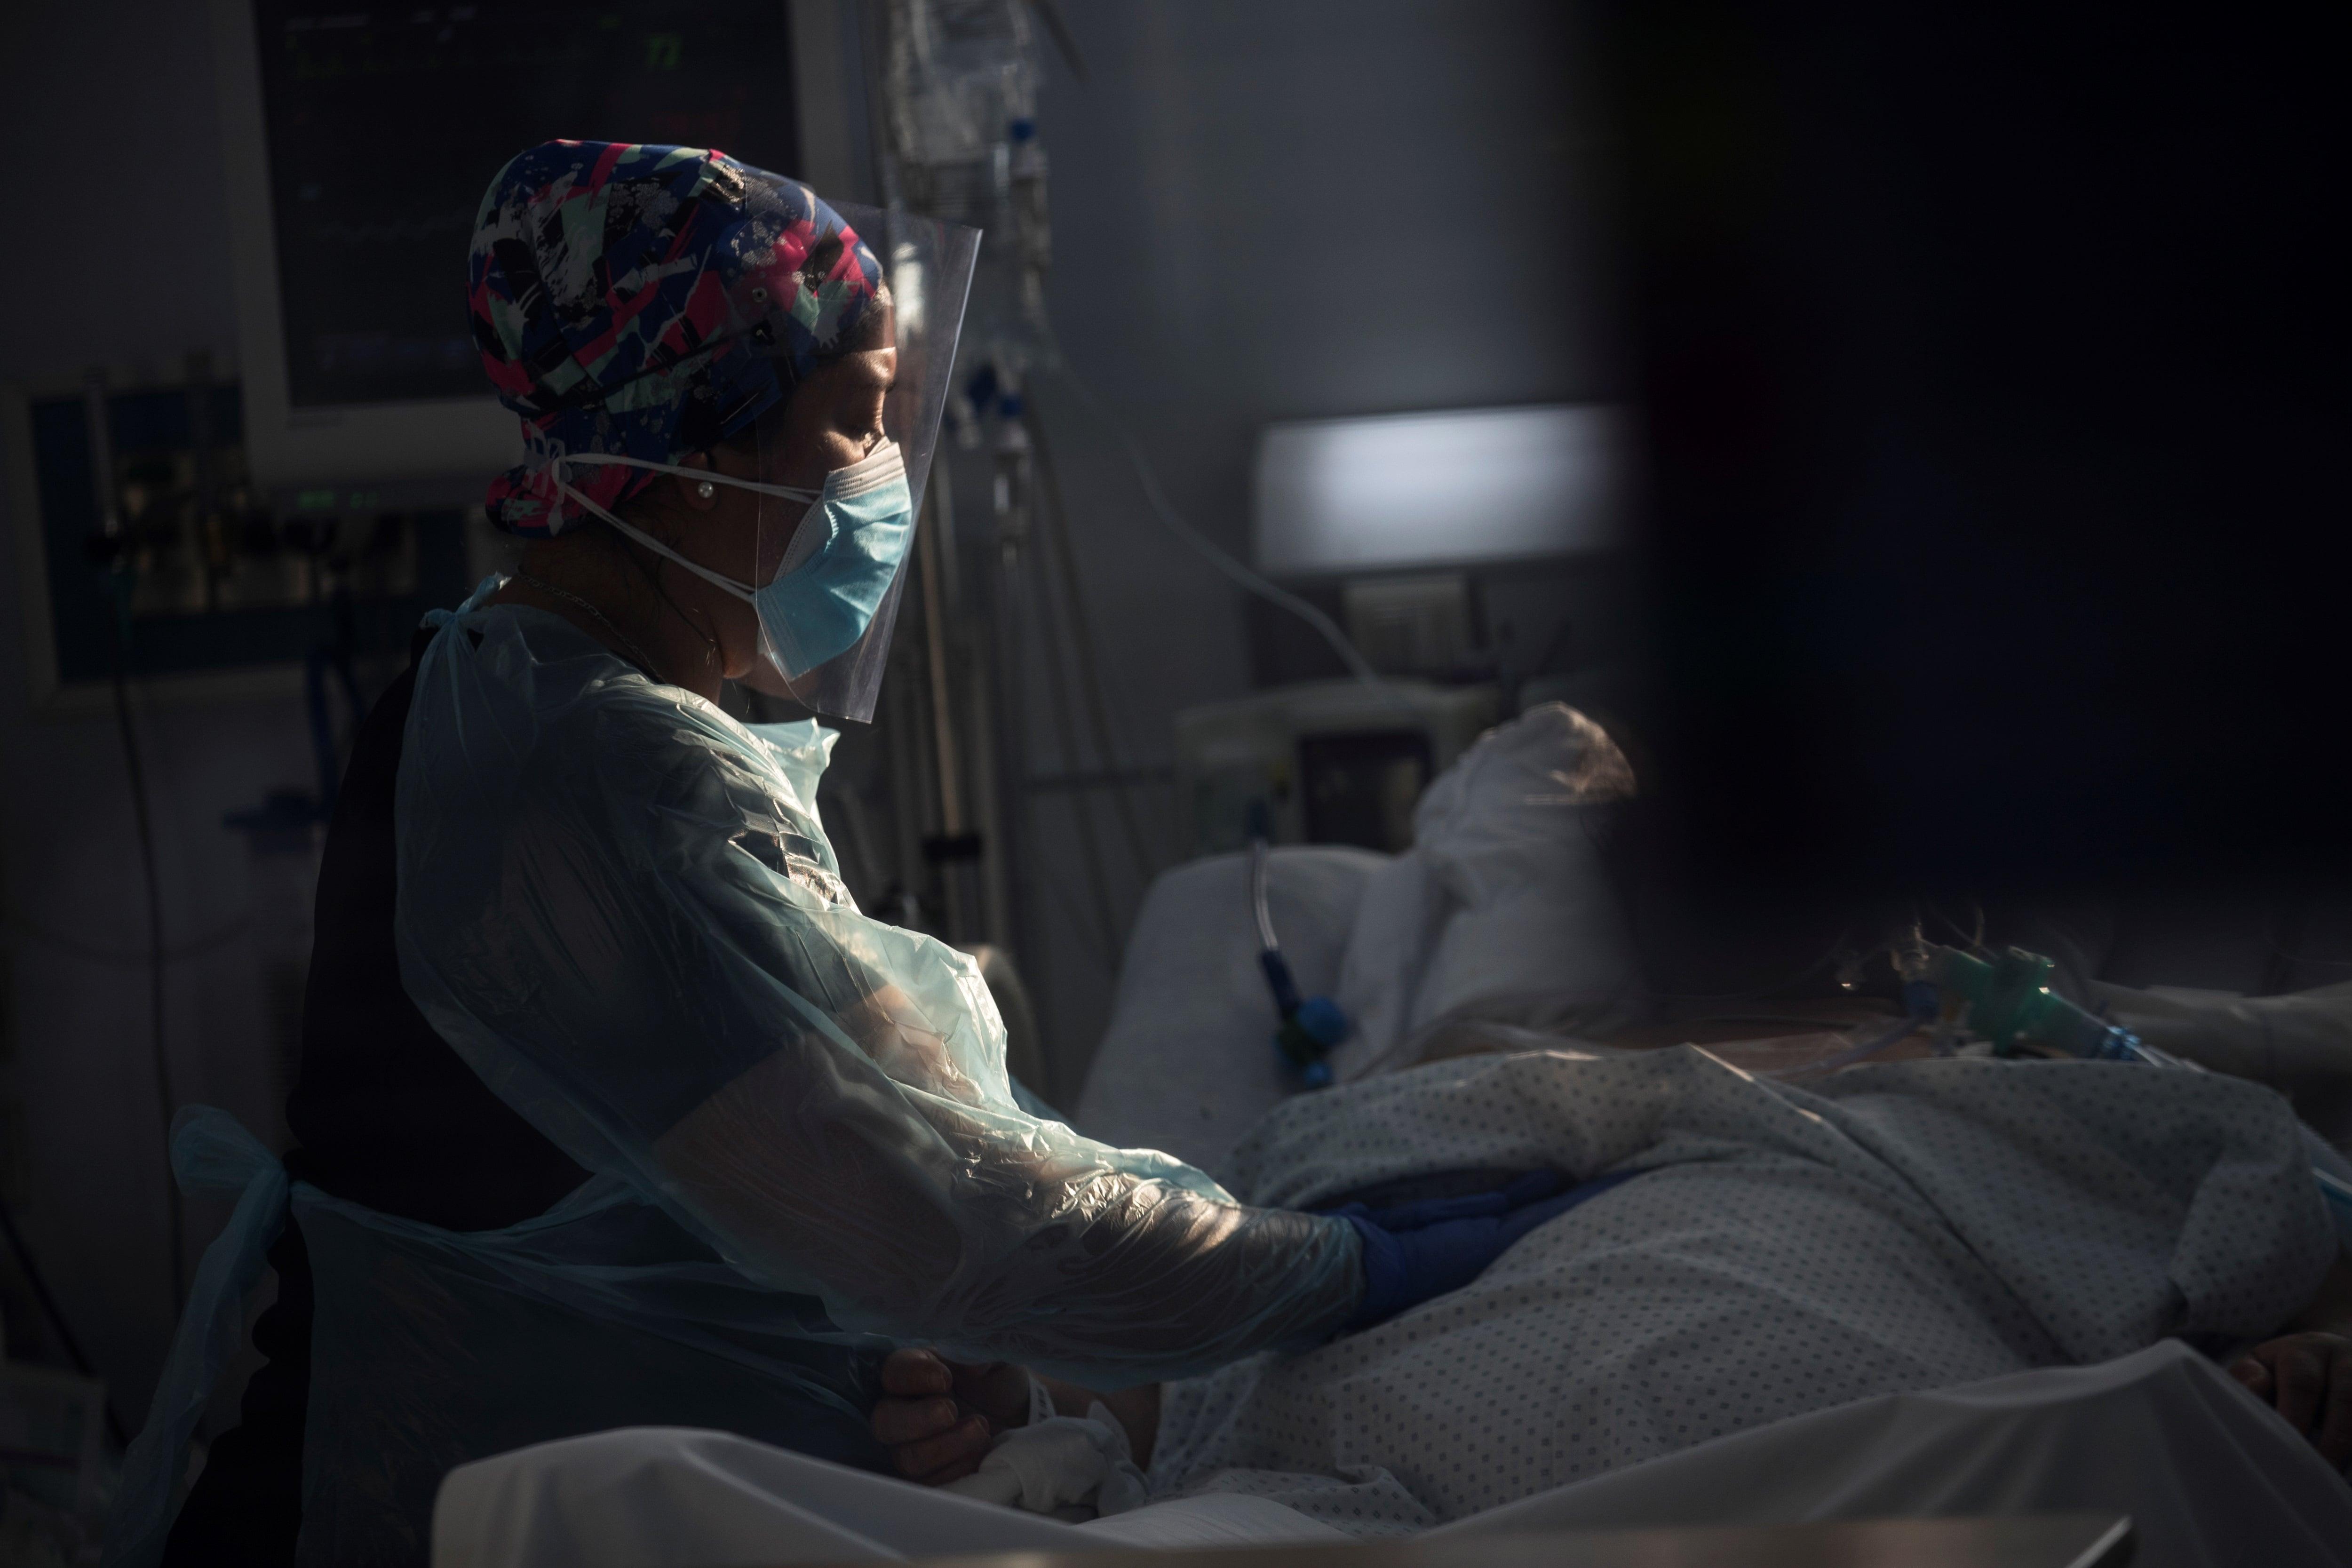 Tasa de letalidad del personal sanitario en Venezuela es de 5,45%, según último boletín de la OPS